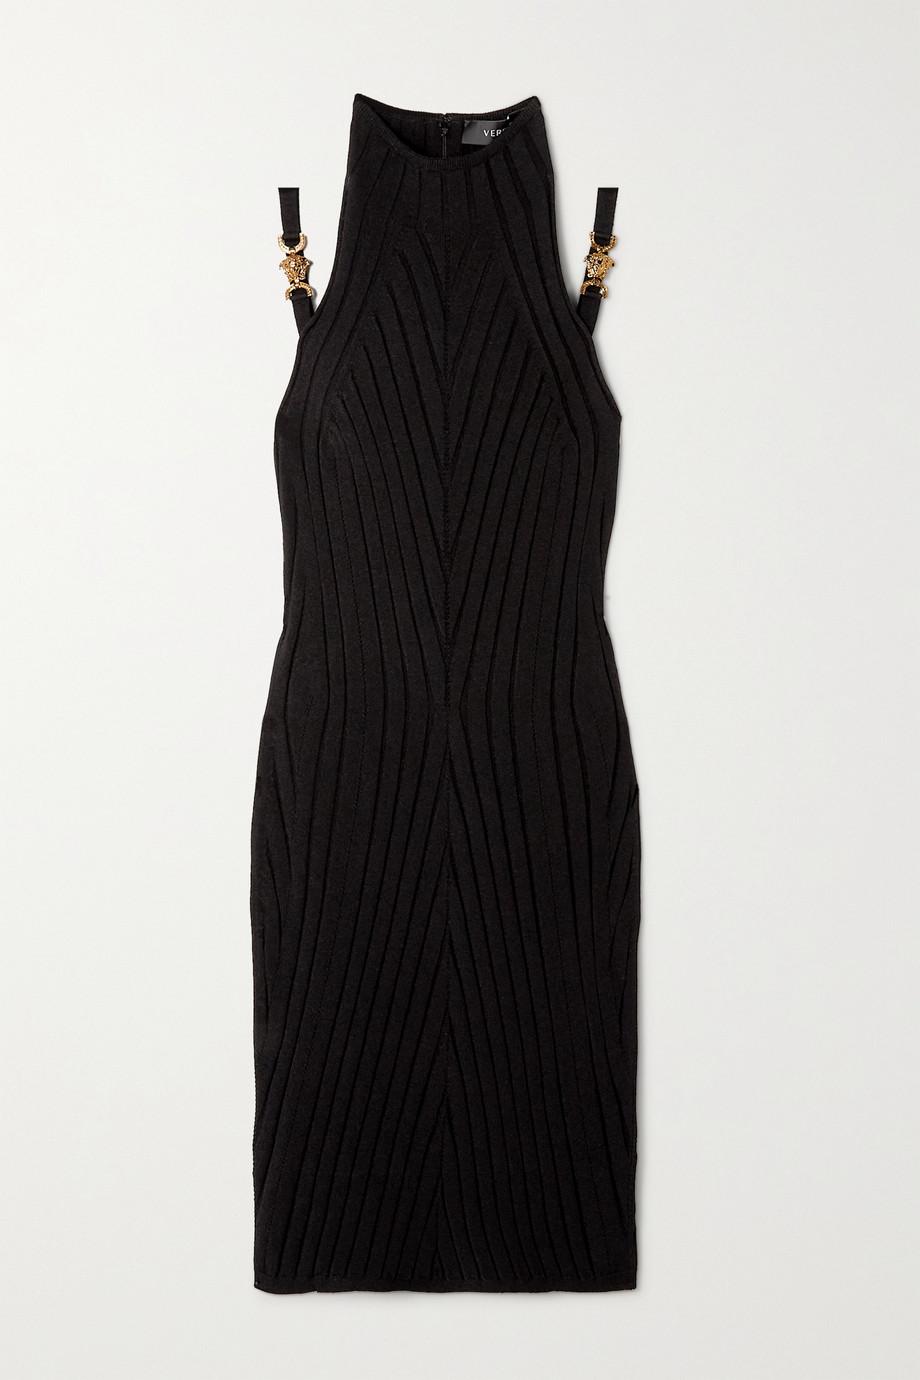 Versace Minikleid aus Rippstrick mit Verzierungen